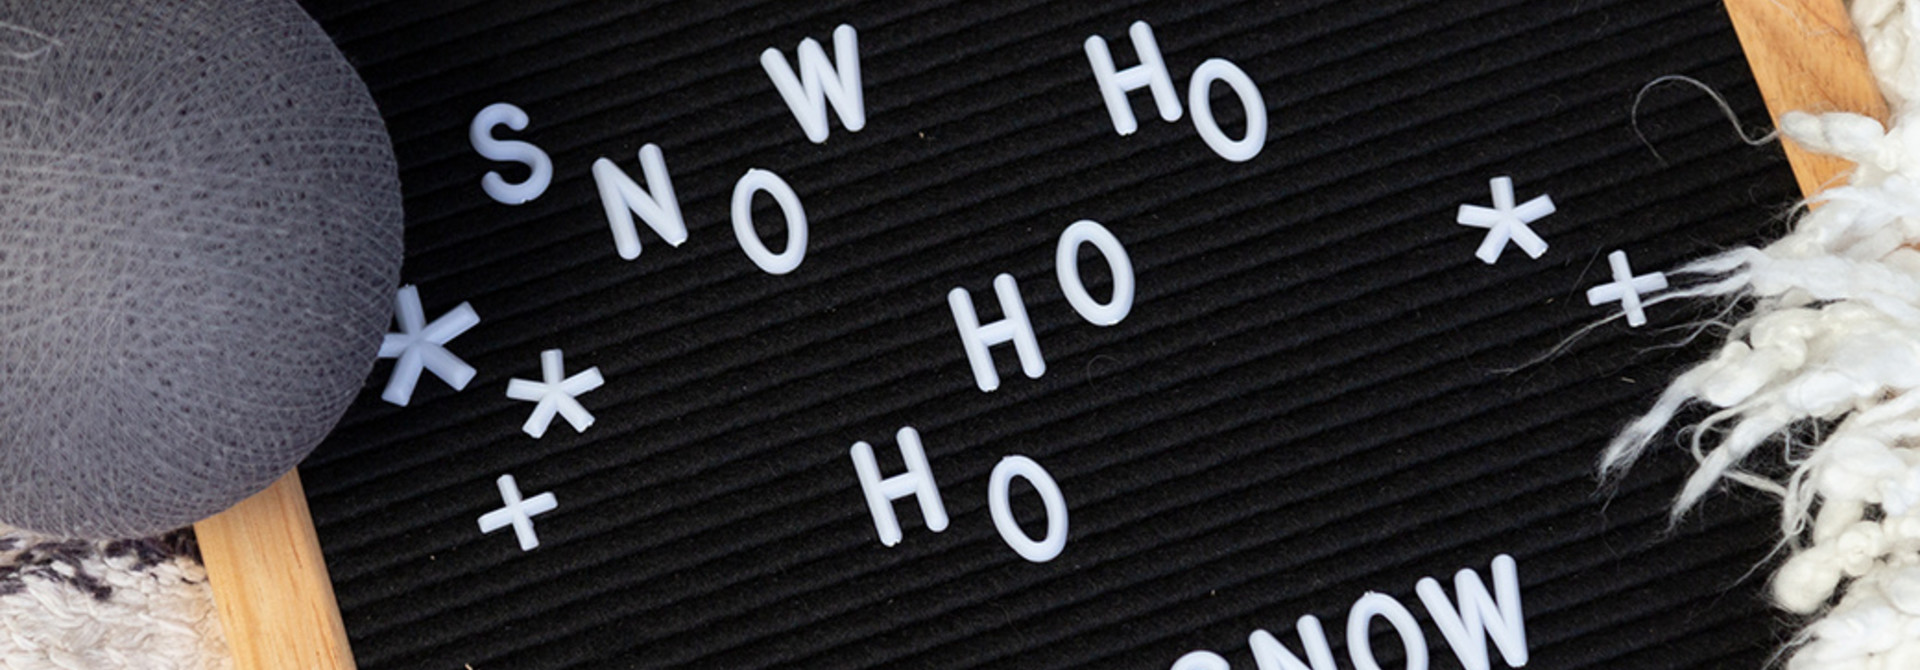 Cadeau guide voor de leuke kerstcadeautjes van LEDR.